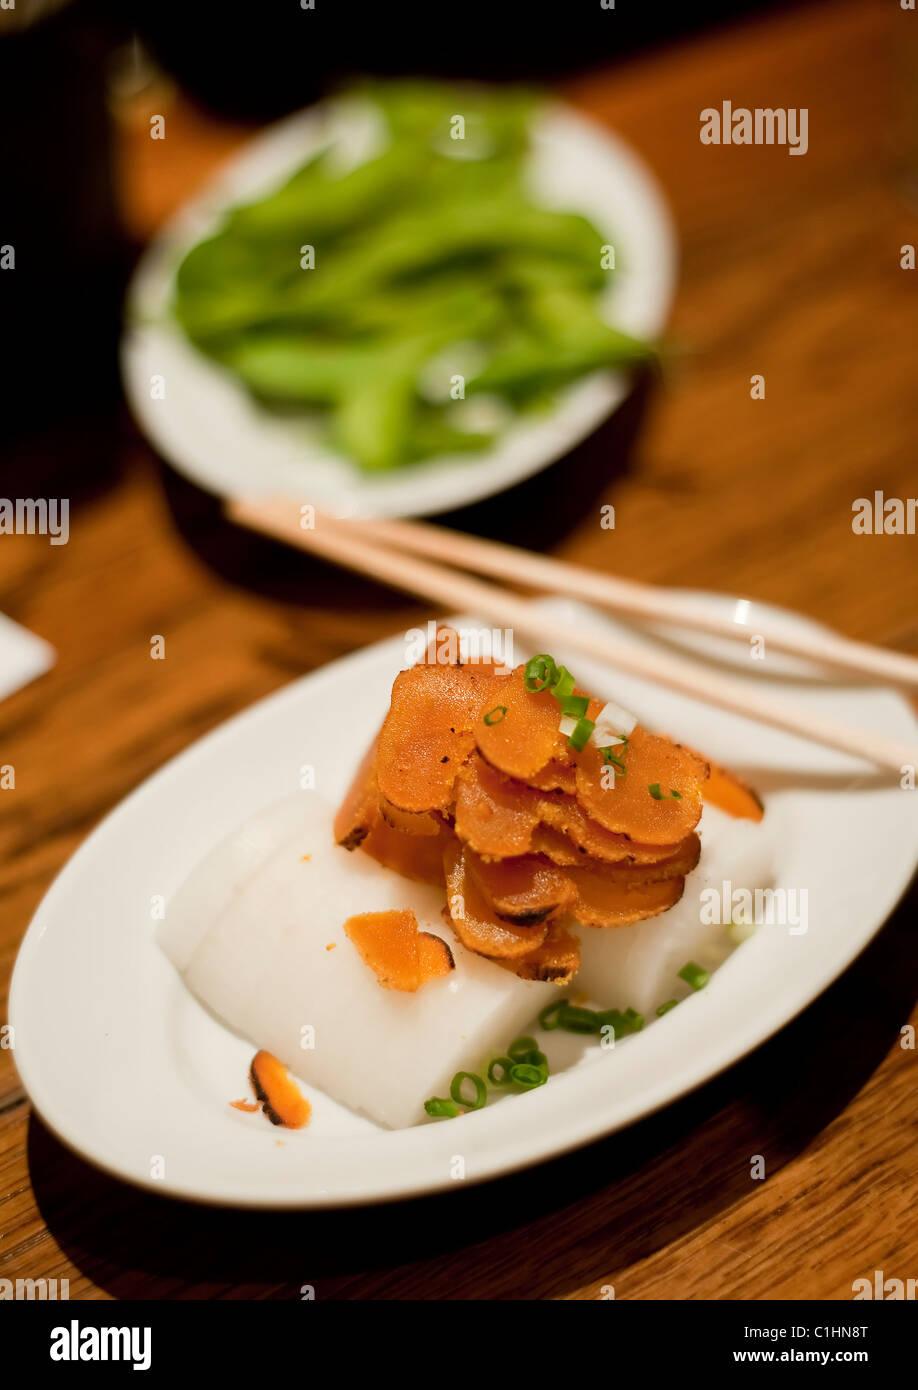 Japanese food, Botargo and radish - Stock Image